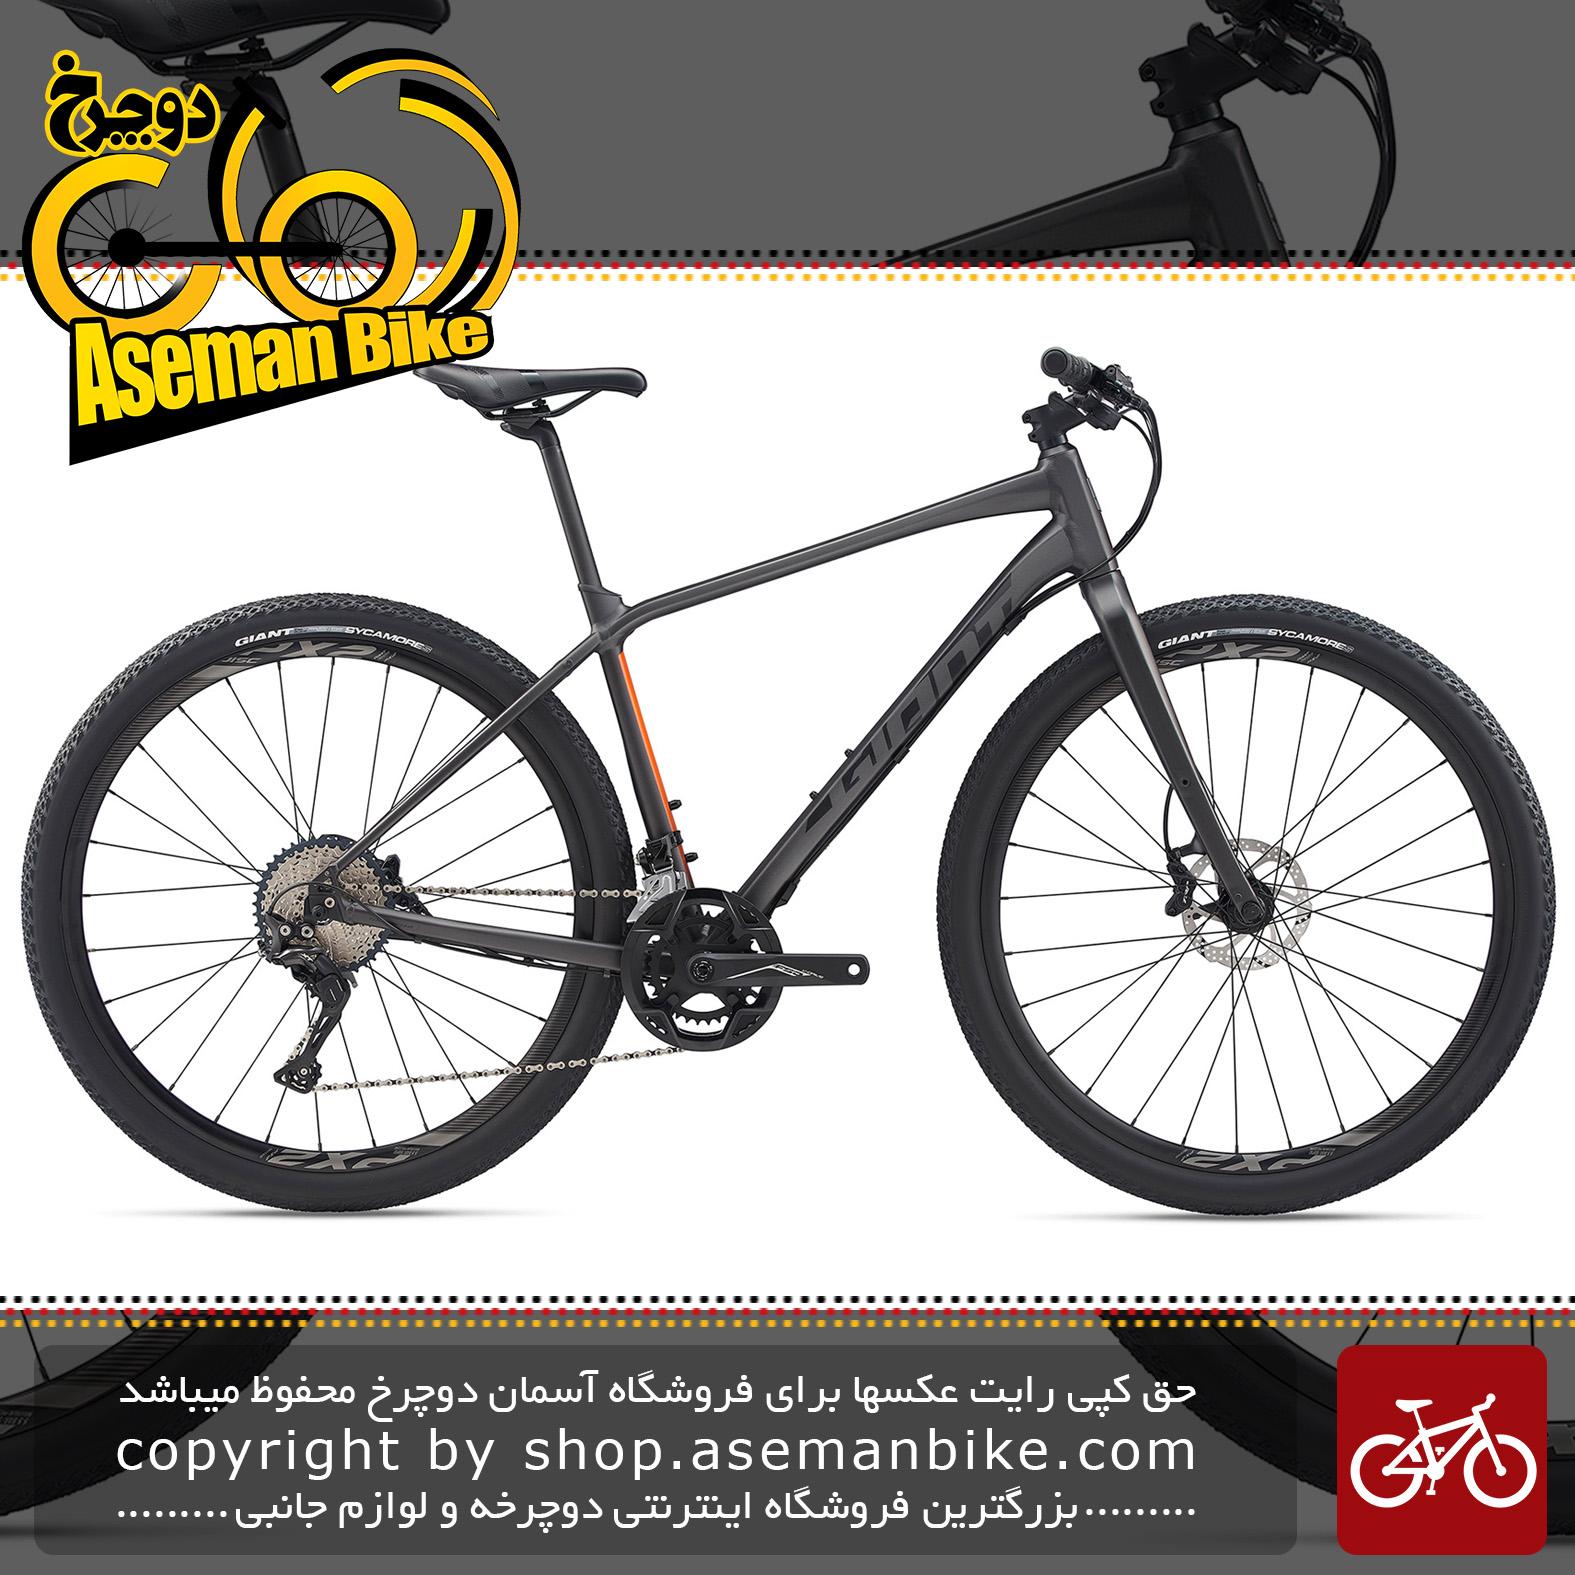 دوچرخه شهری توریستی جاینت مدل تافروود اس ال آر 0 2020 Giant Adventure Bicycle ToughRoad SLR 0 2020